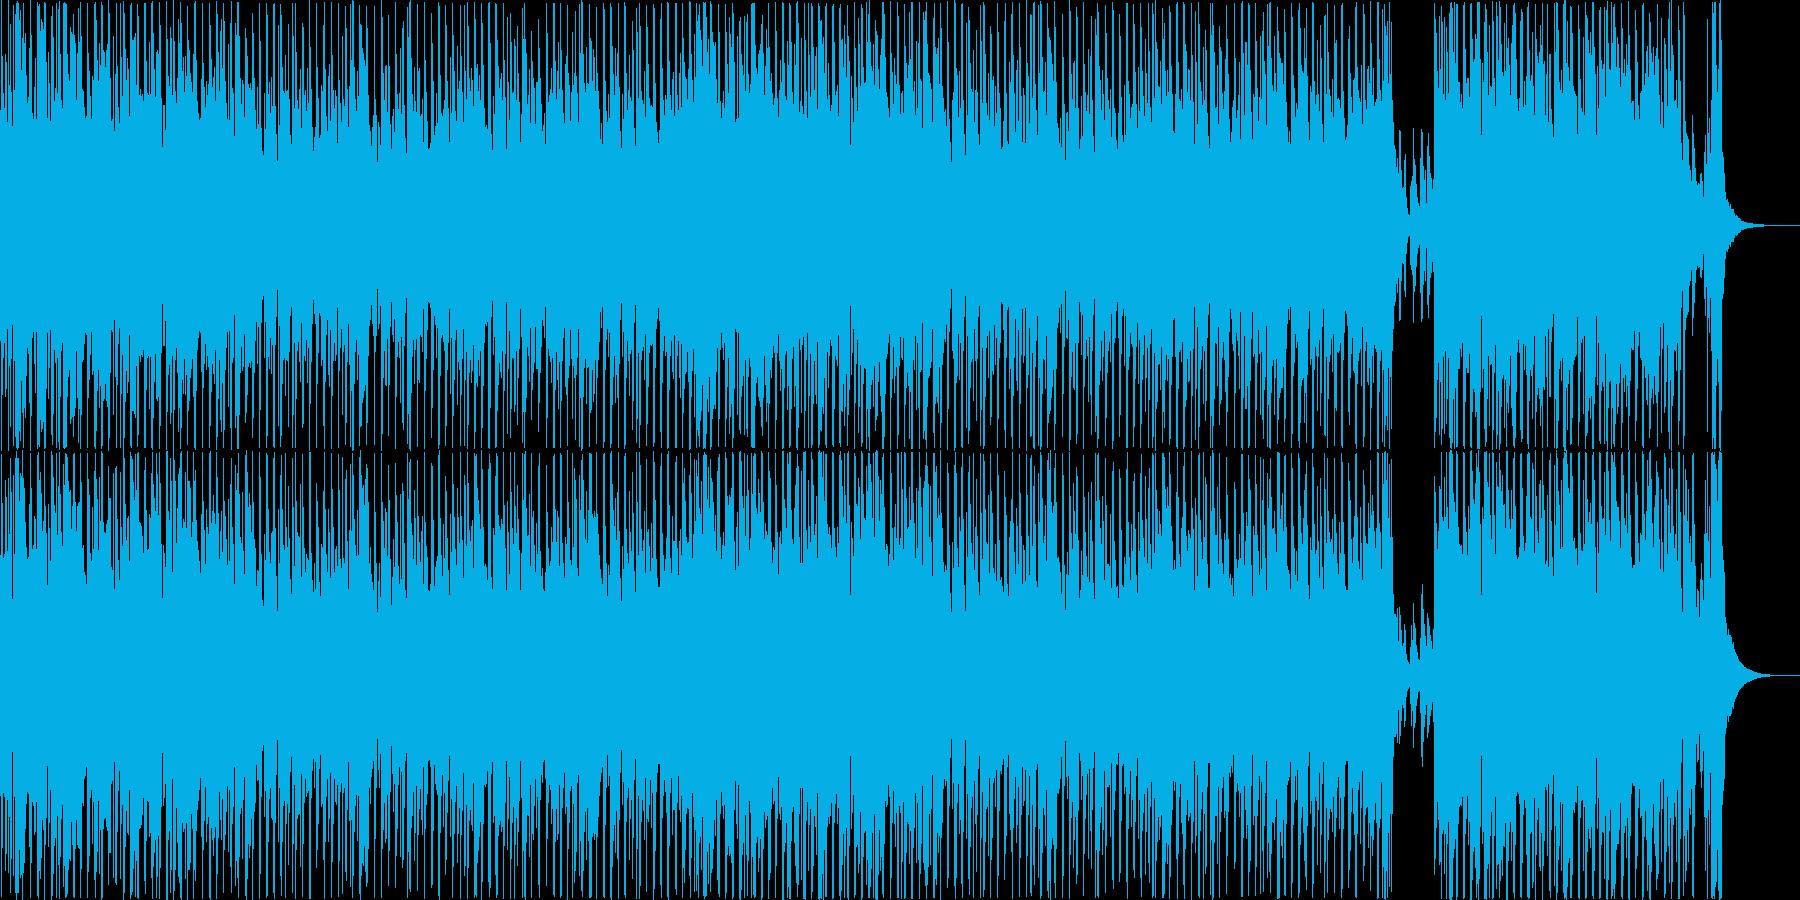 ピアノとブラスが軽快に鳴るポップスの再生済みの波形